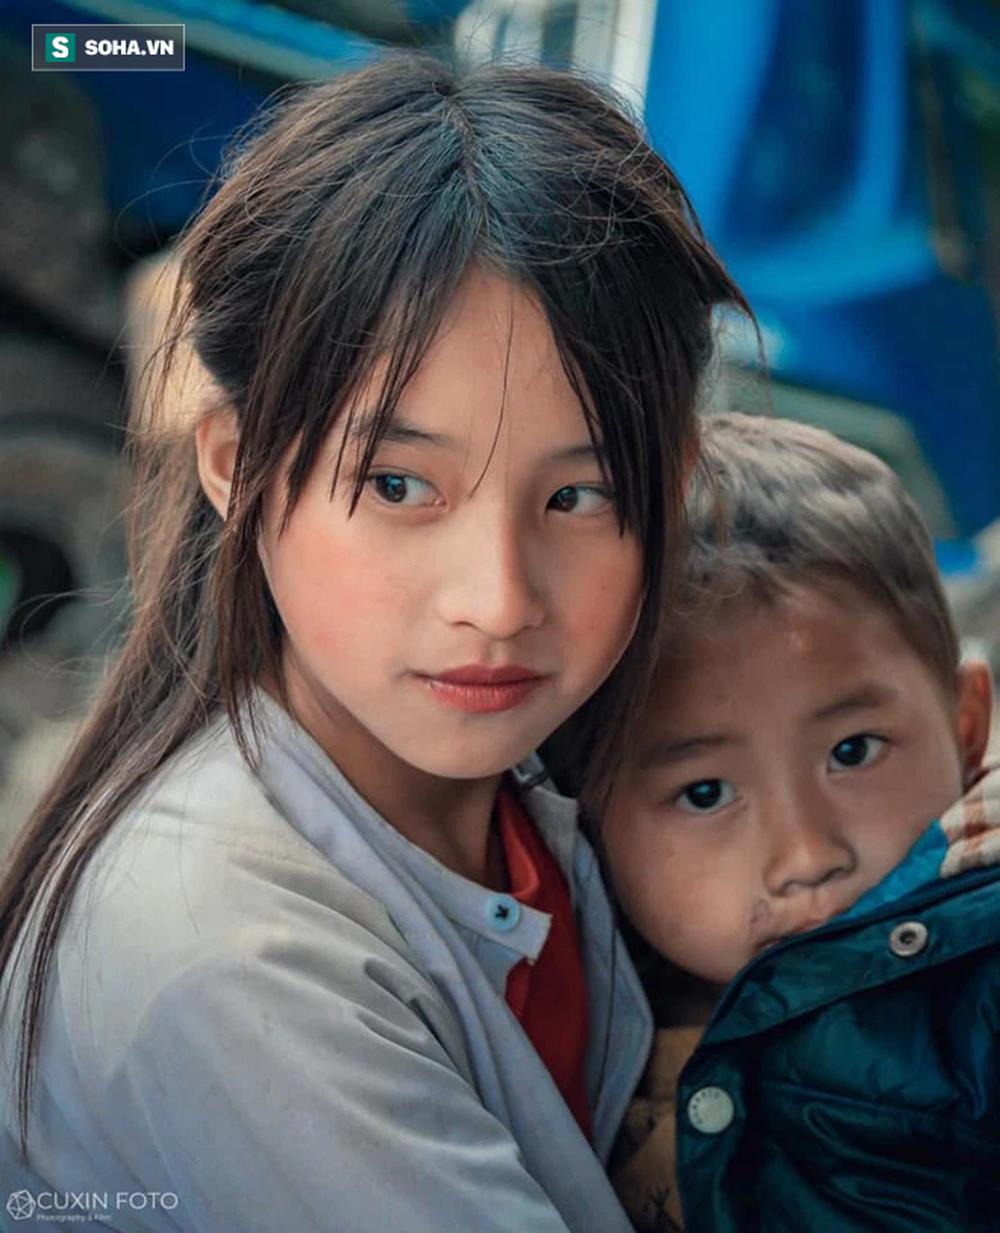 Em gái Hà Giang sở hữu nhan sắc cực nét khiến dân mạng tới tấp khen ngợi: Hoa của đá - Ảnh 2.